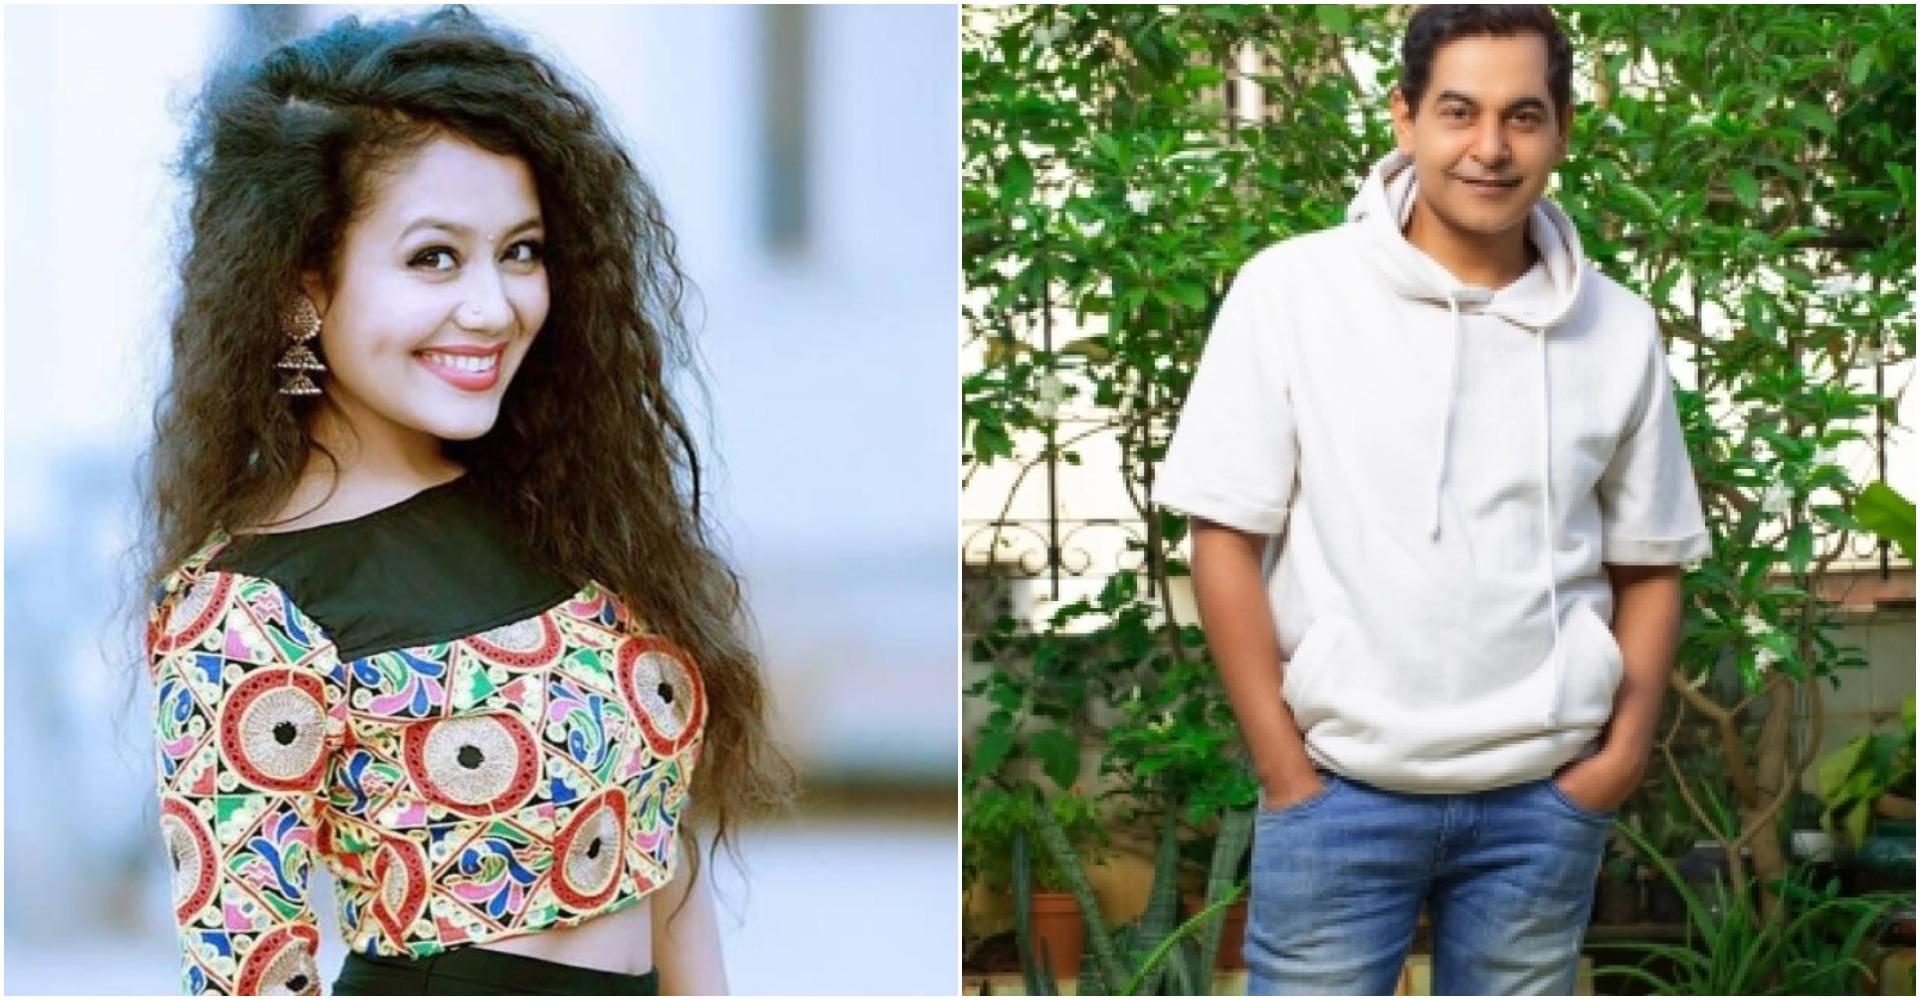 कॉमेडियन गौरव गेरा ने नेहा कक्कड और टोनी कक्कड से मांगी माफ़ी, रिपोर्ट में पढ़ें क्या कहा